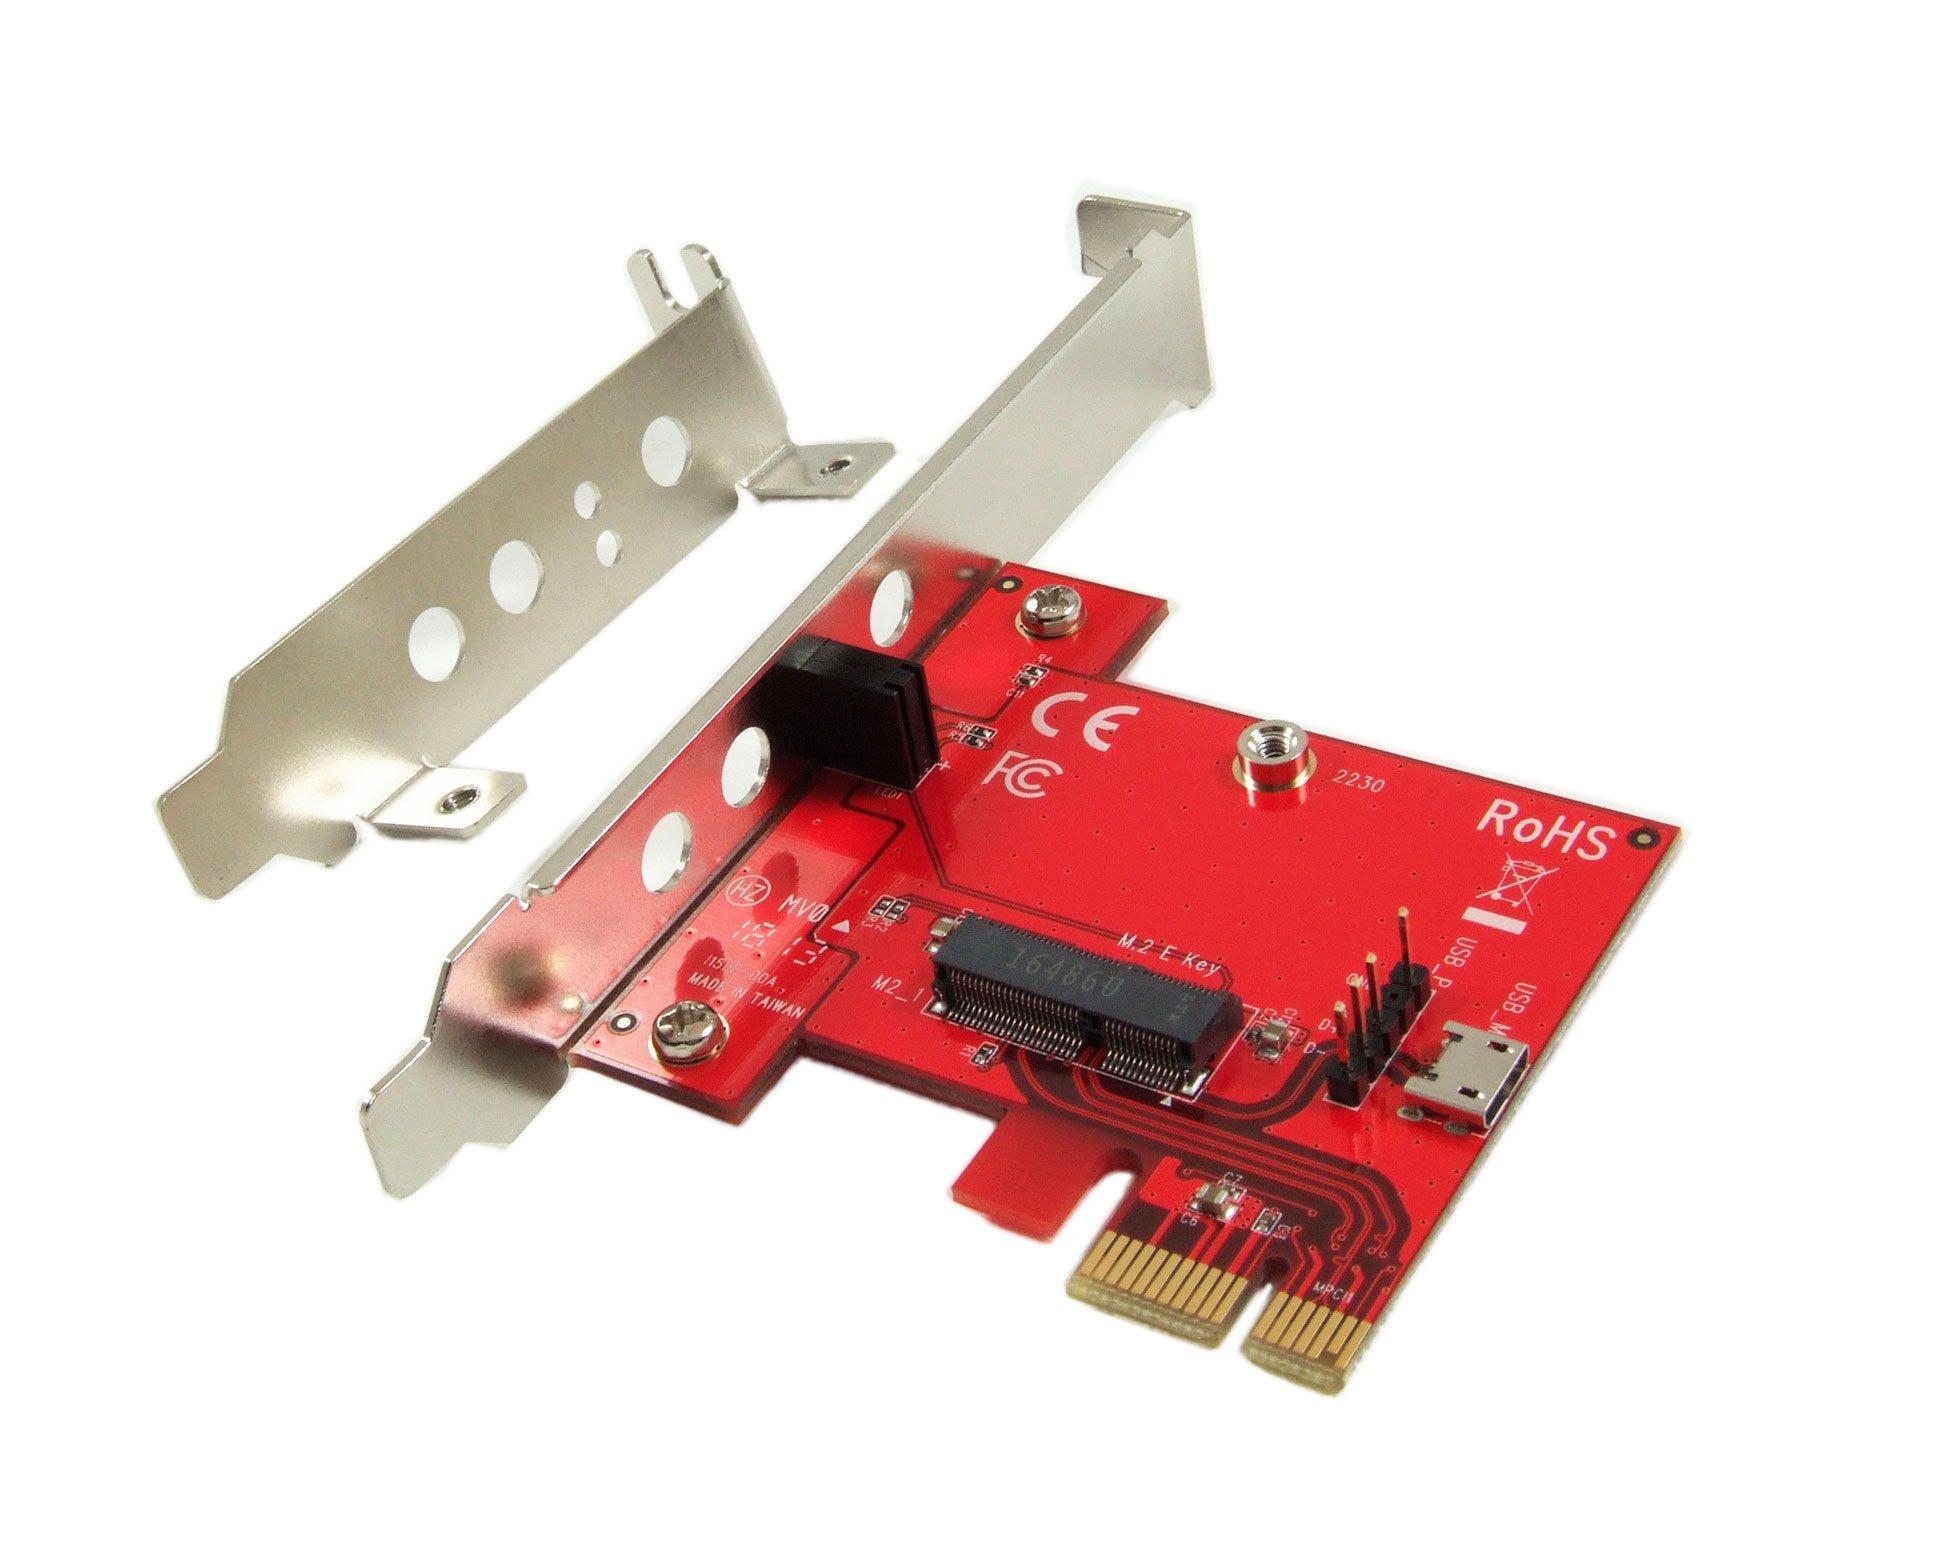 Tarjeta Adaptadora Ableconn Pexm2150e Pci Express X1 Con Conector M.2 Key E - Soporte M2 E Key O A-e Key Wifi O Modulo B